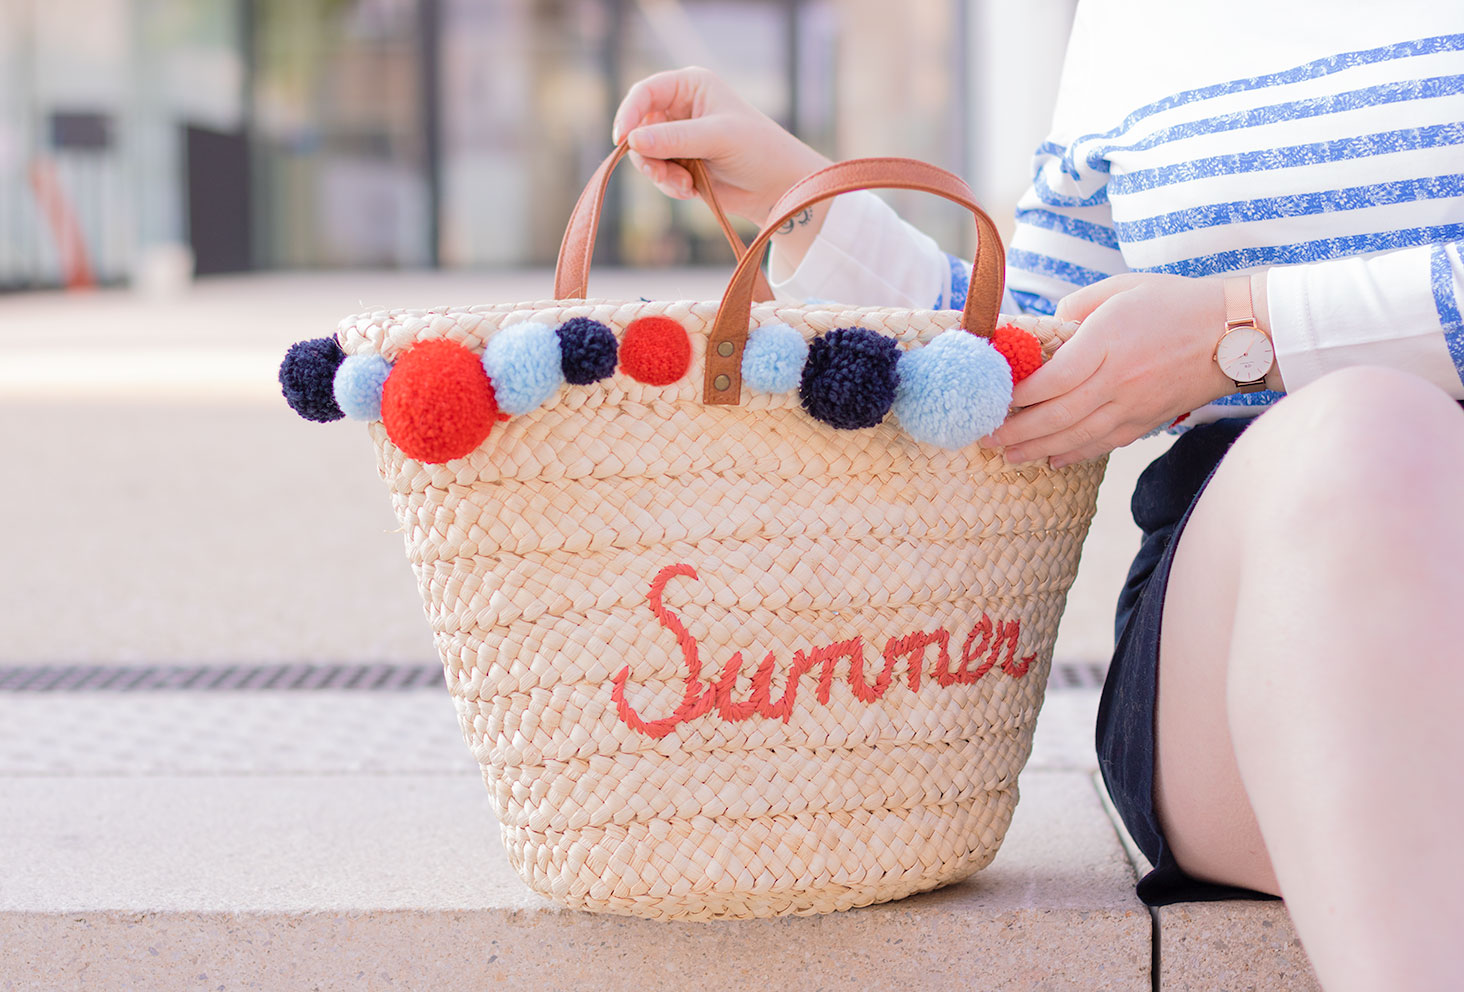 Tuto pas-à-pas pour customiser un sac en paille dans les idées DIY à faire lorsqu'on s'ennuie